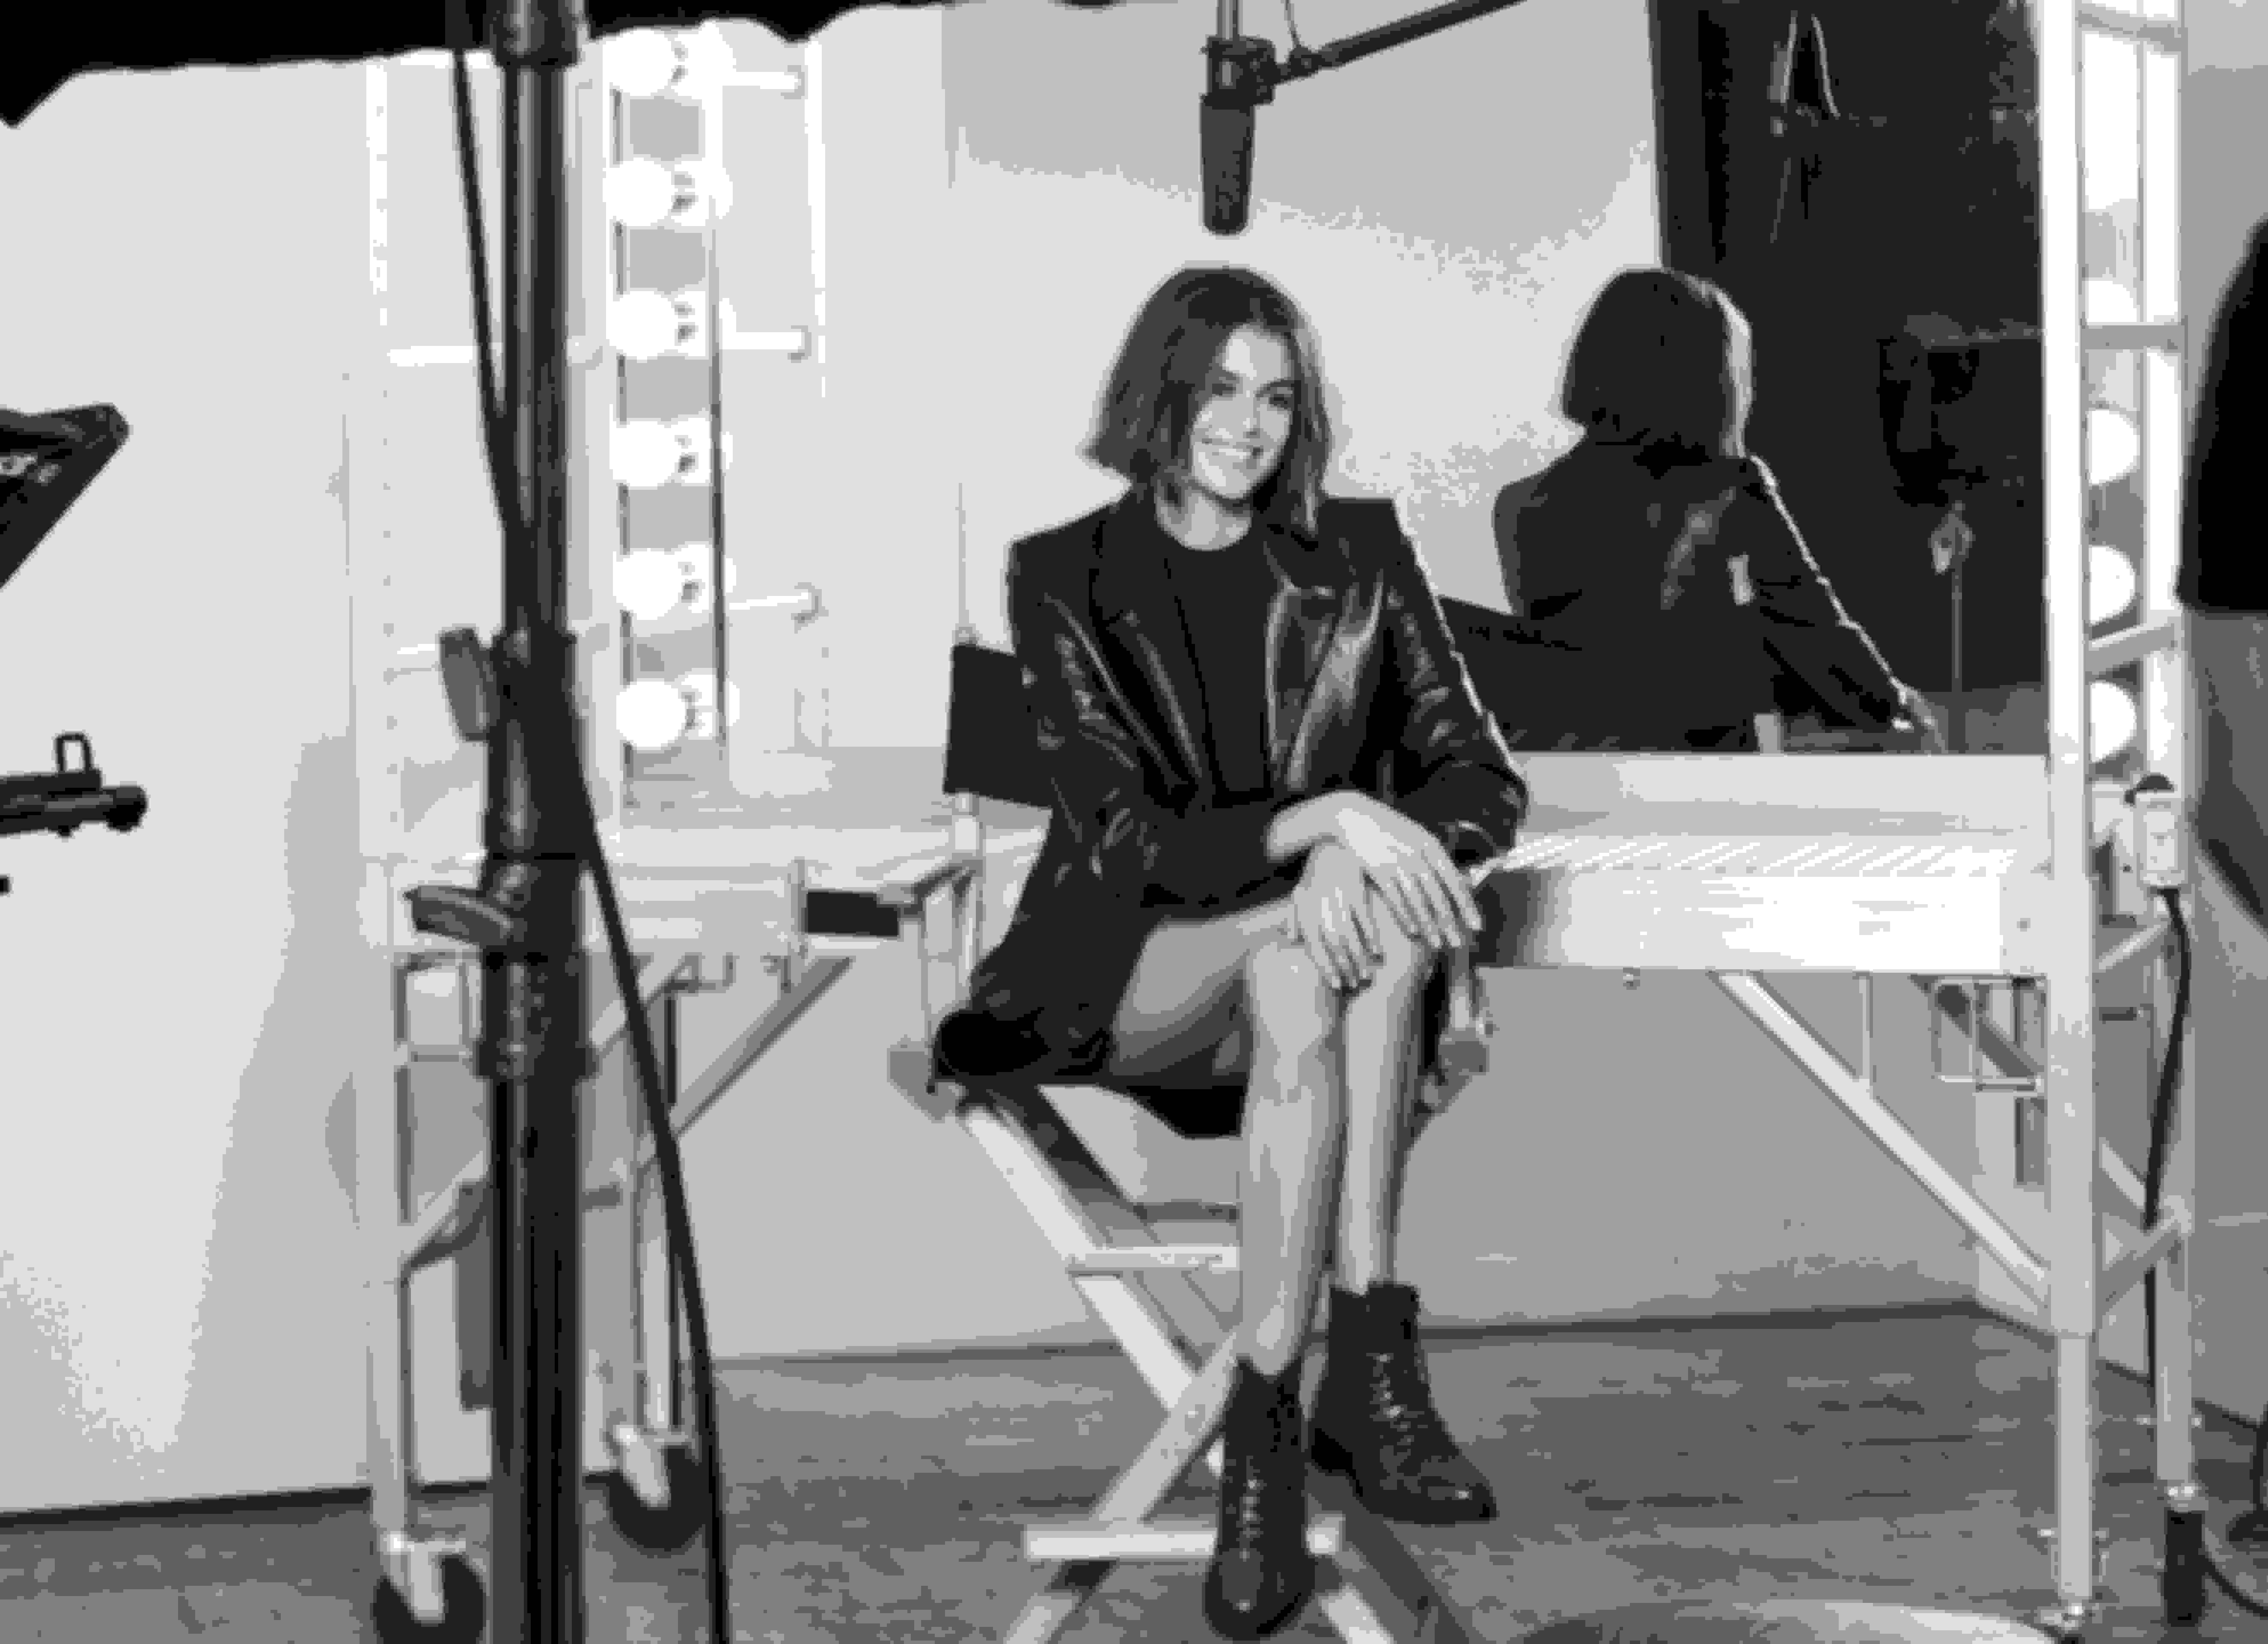 Kaia behind the scenes wearing K-CRUZ